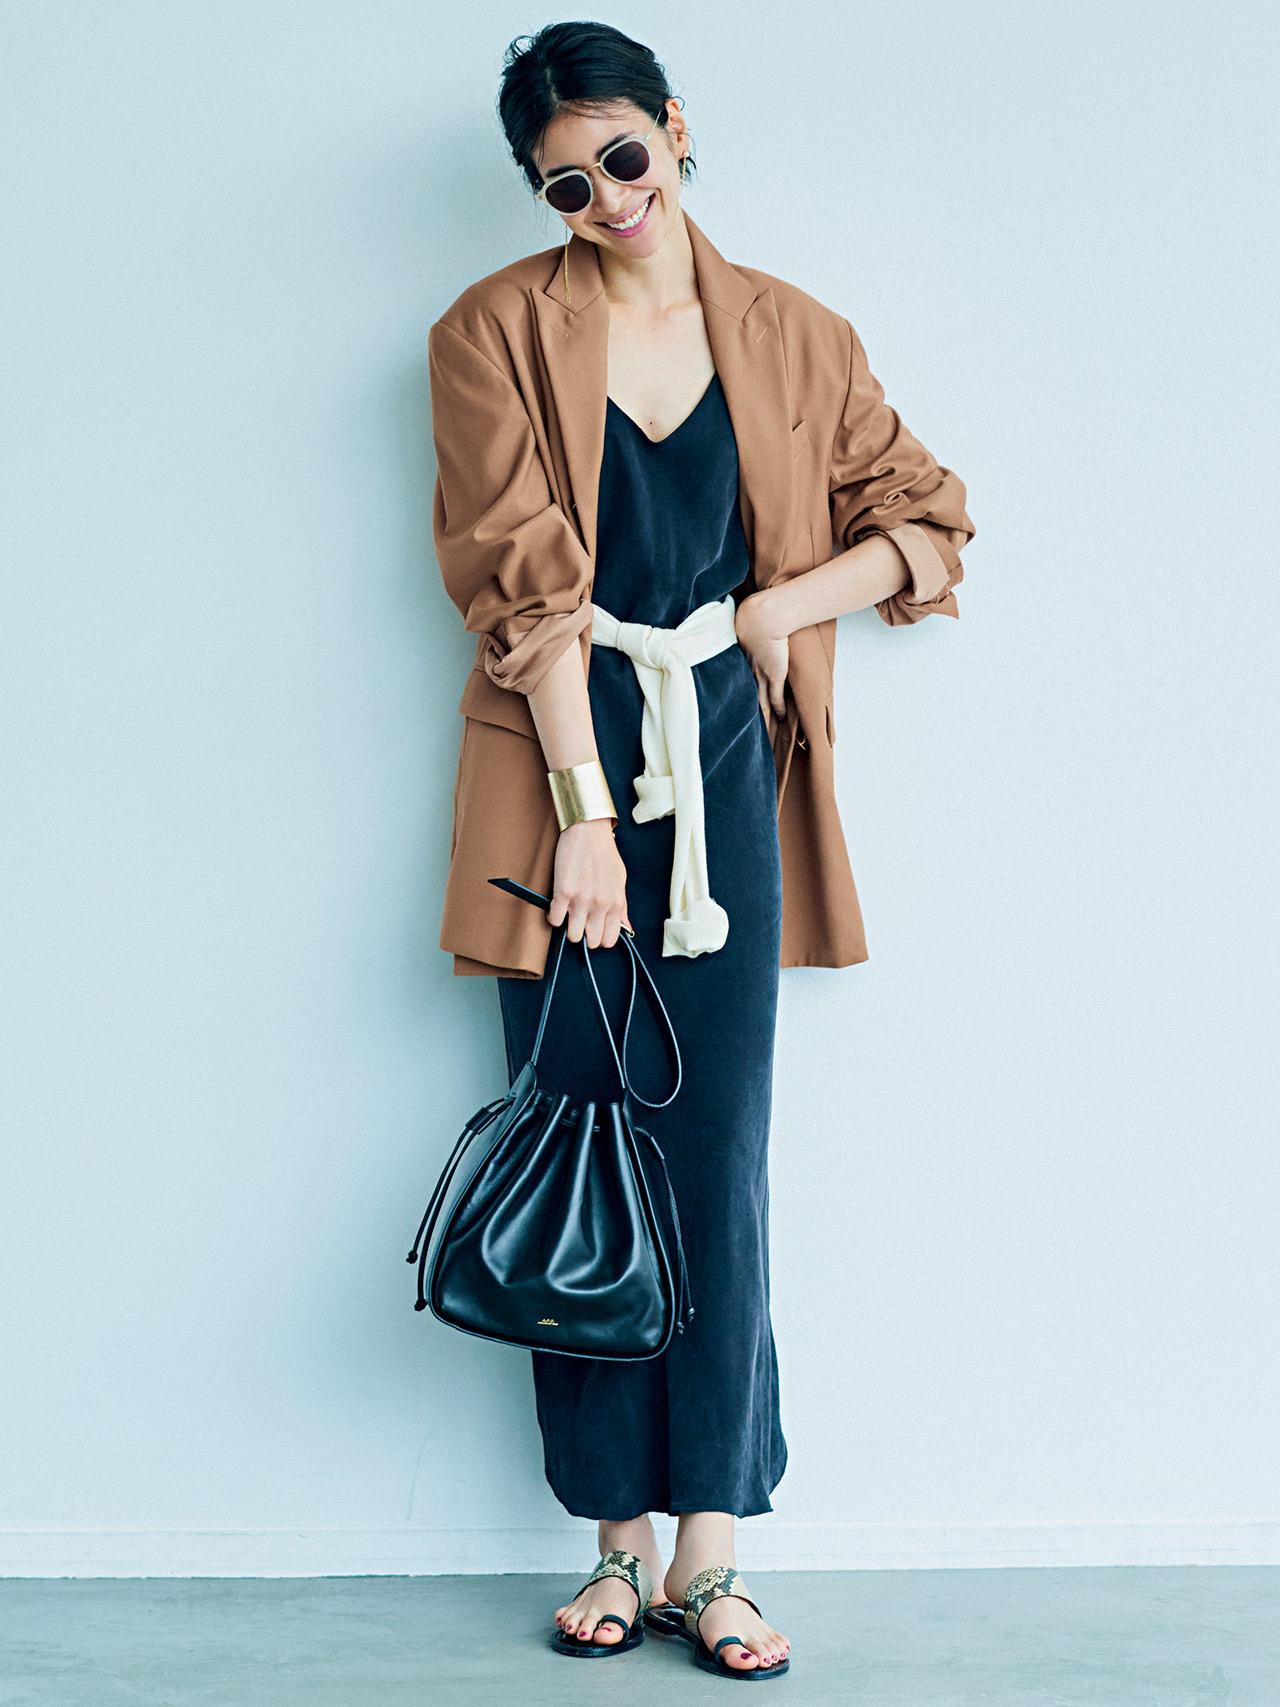 平均気温25度の初秋にベストな服装は? 季節の変わり目に着たいコーデ|40代ファッションまとめ_1_13